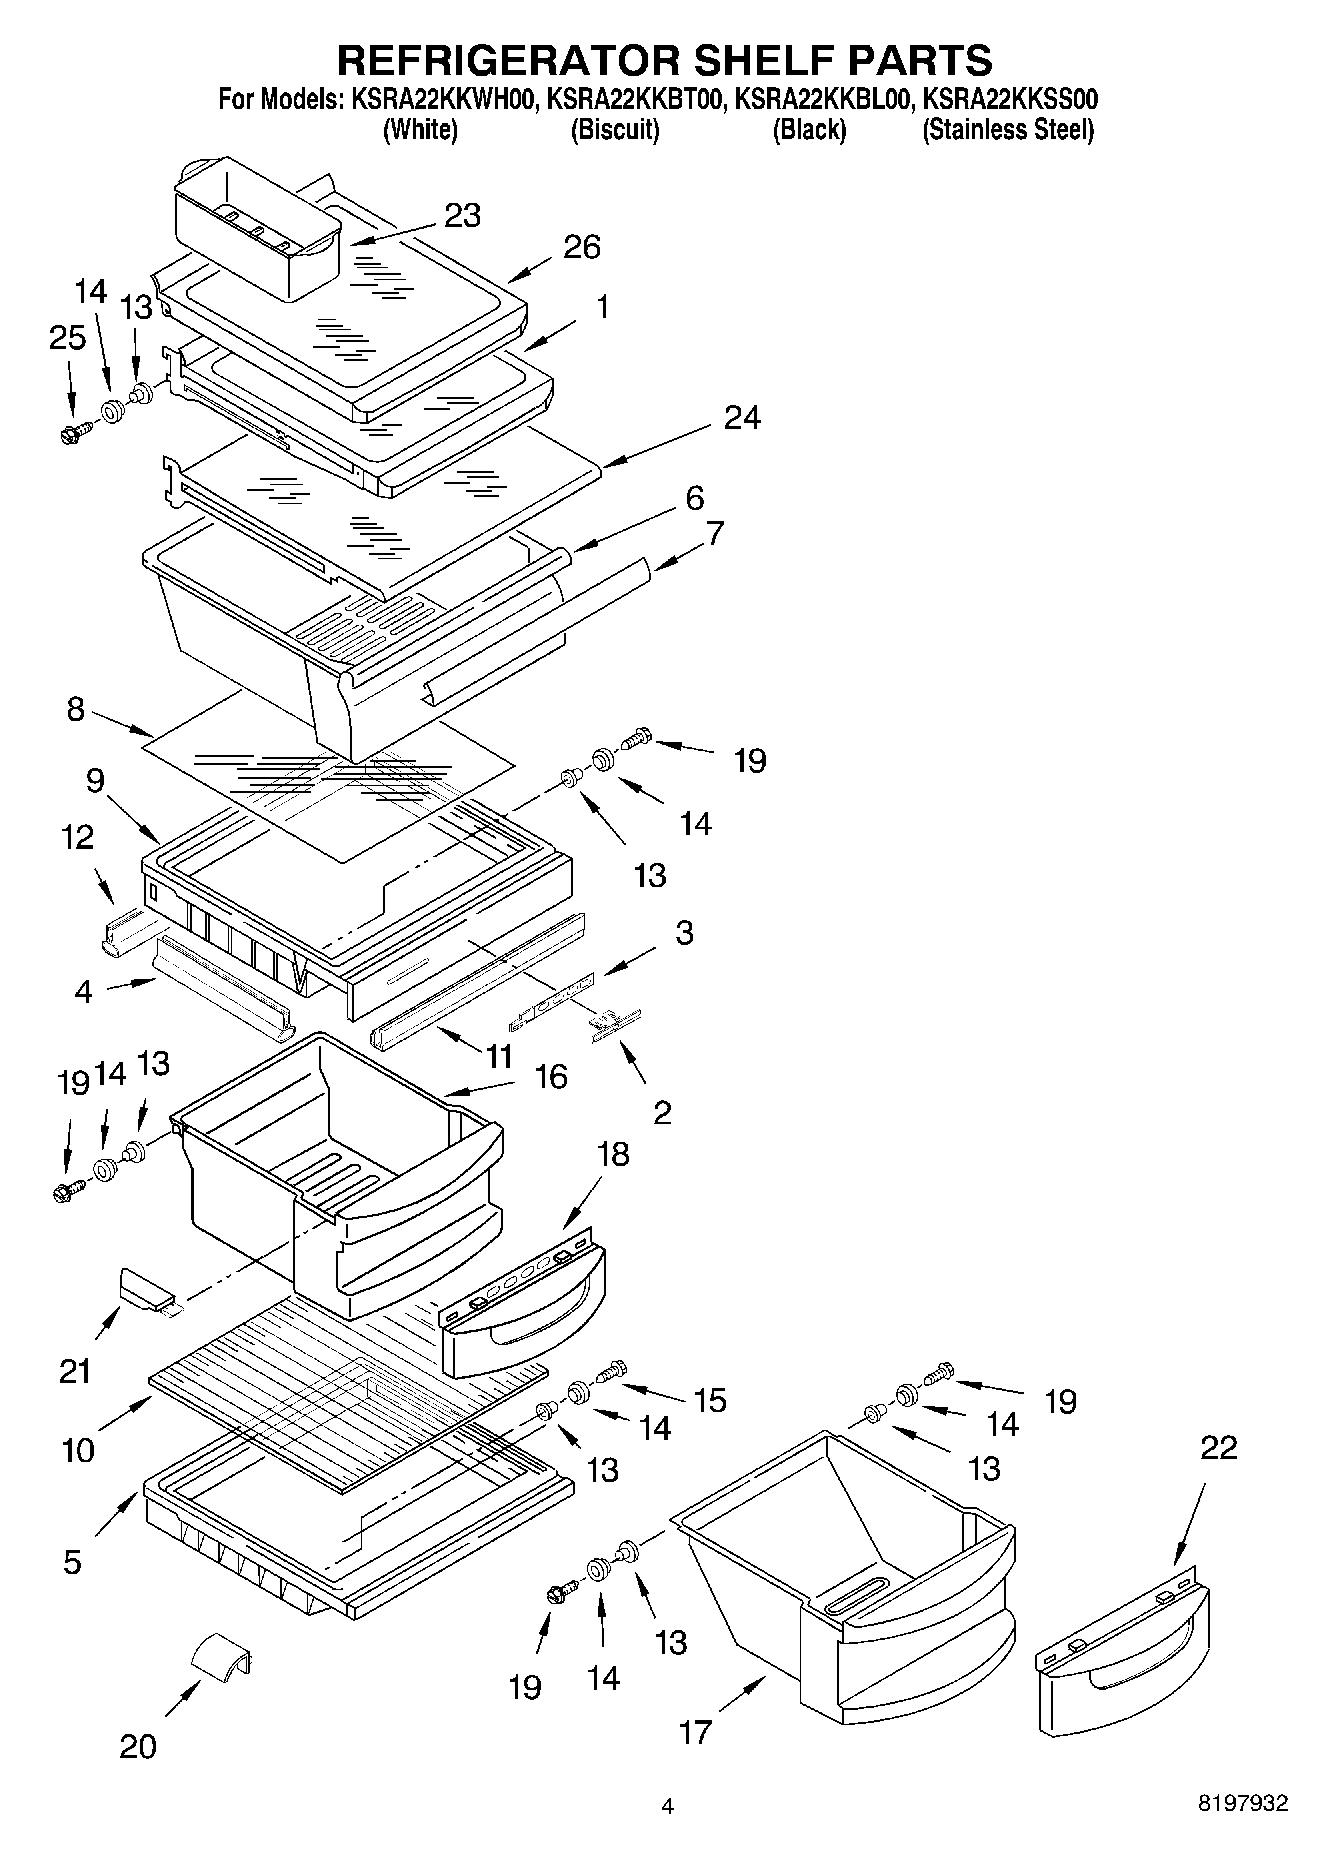 KSRA22KKBT00